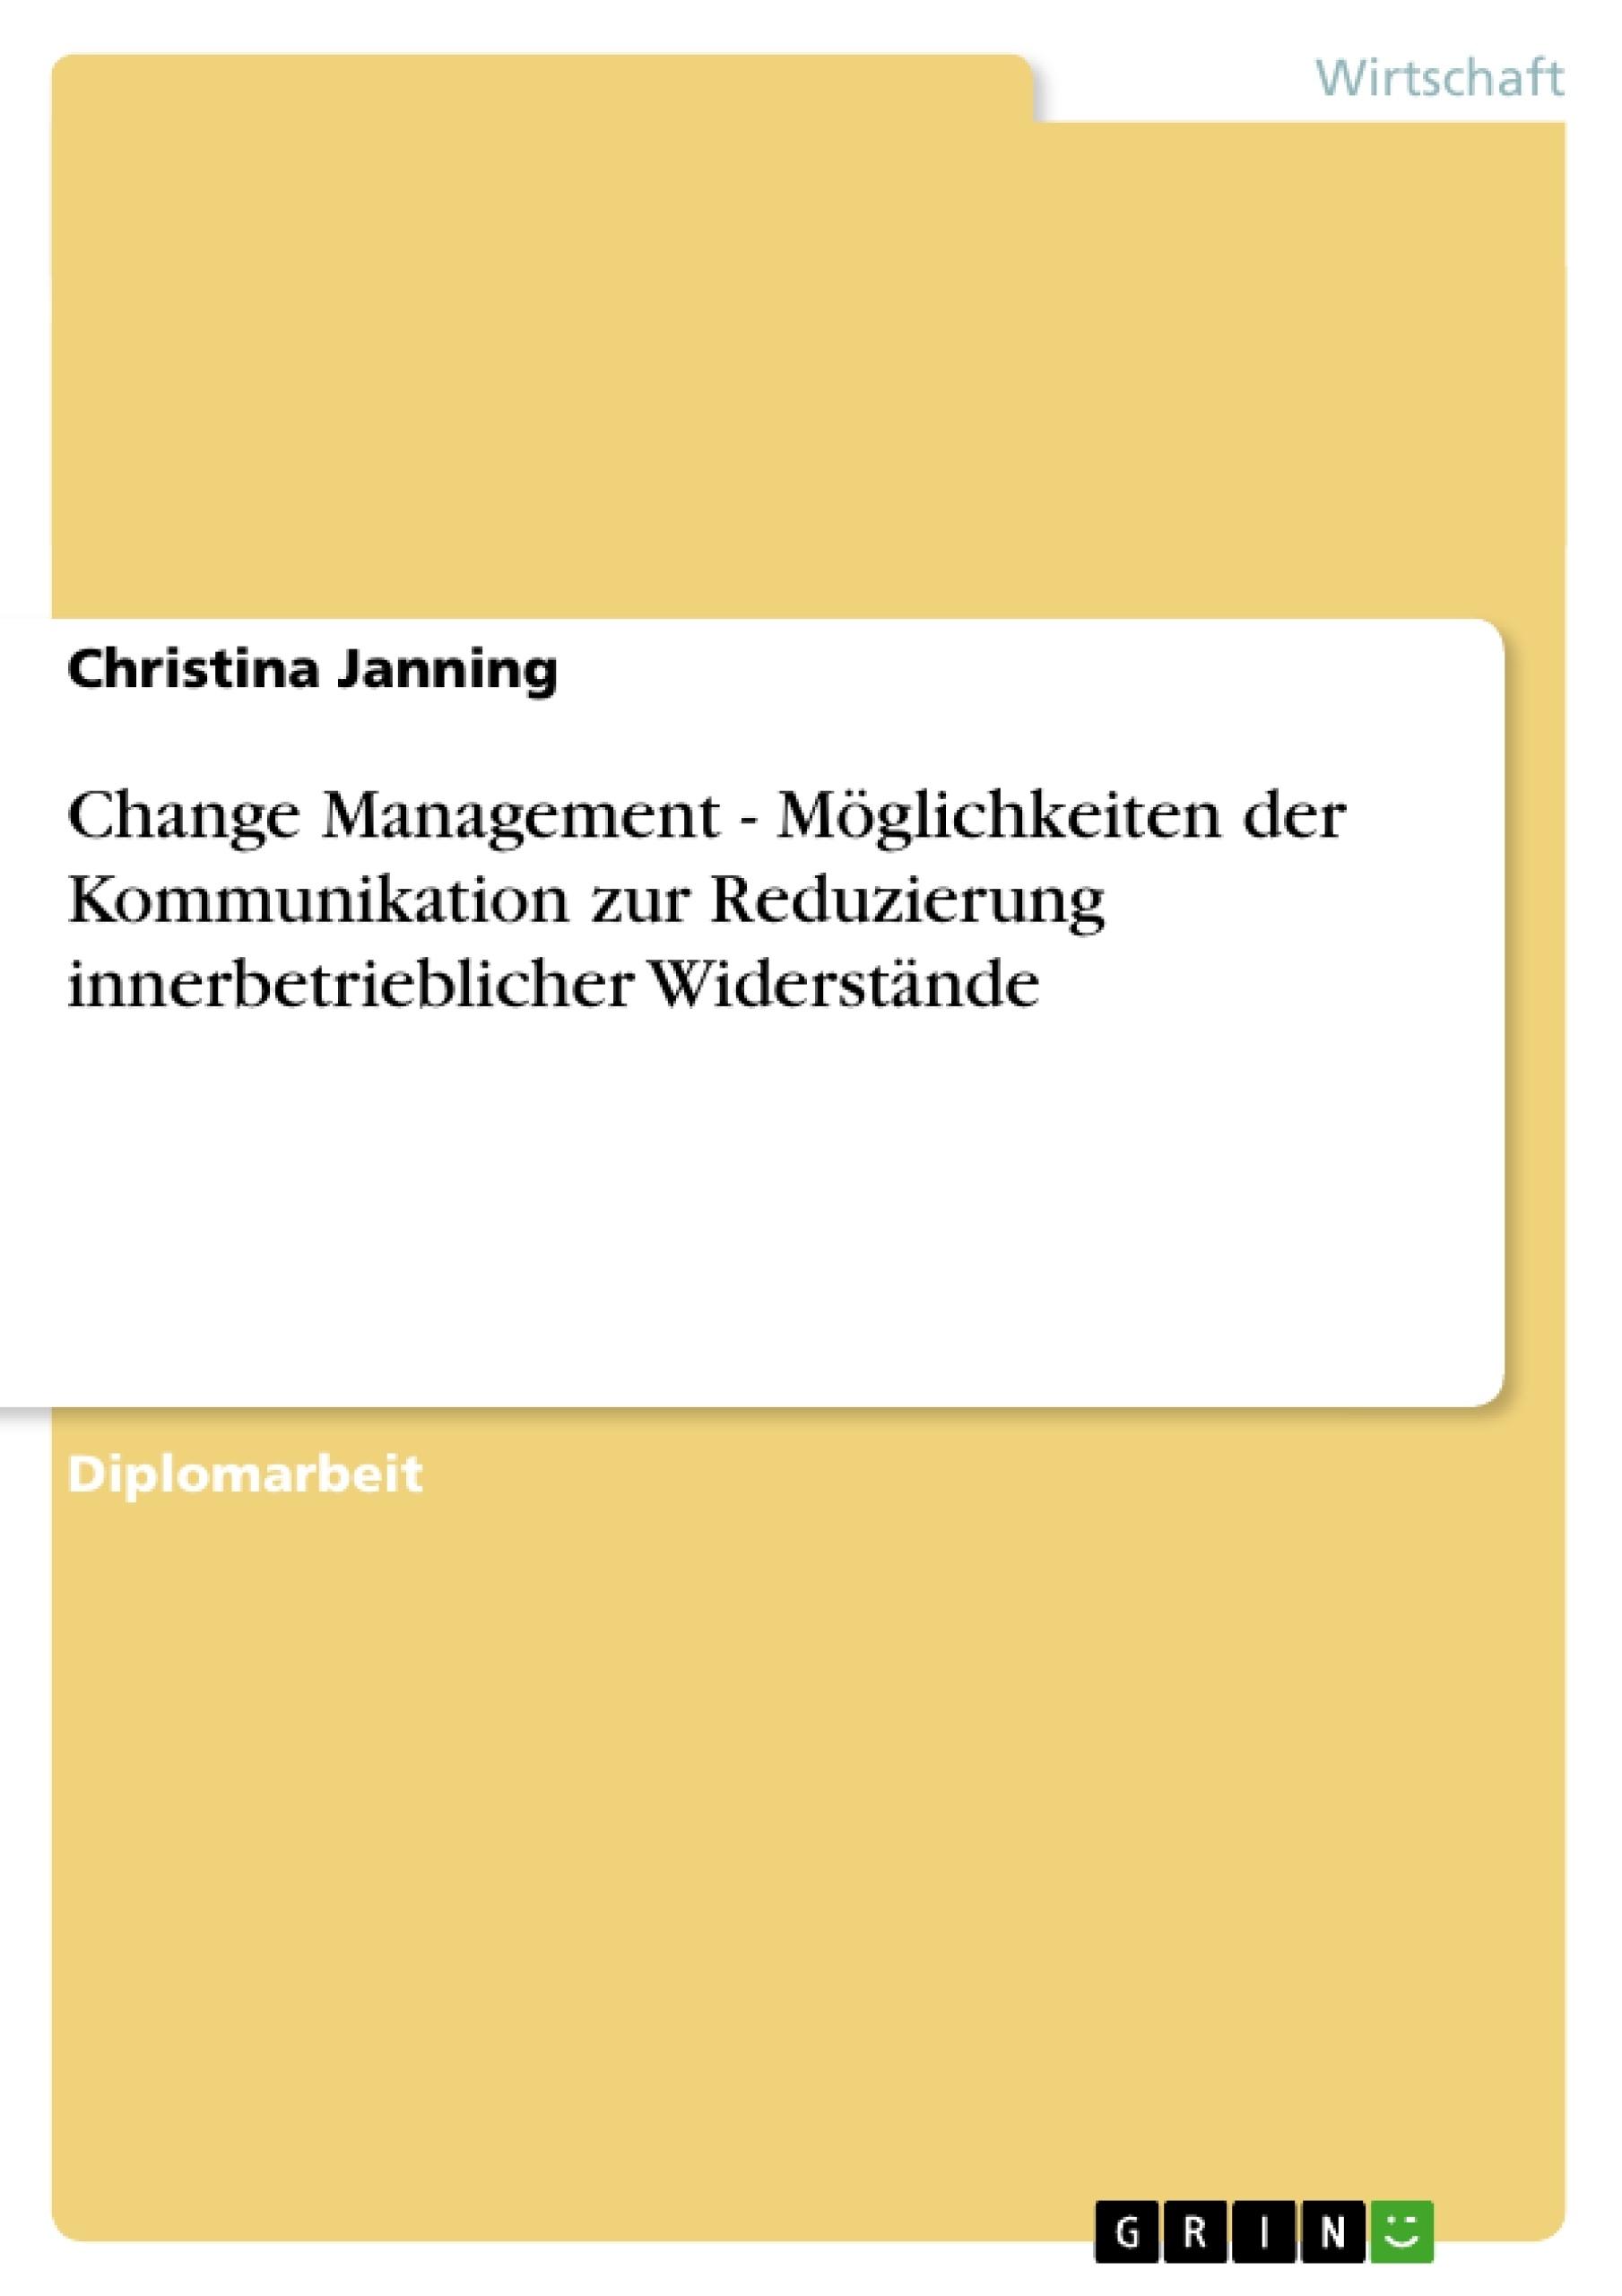 Titel: Change Management - Möglichkeiten der Kommunikation zur Reduzierung innerbetrieblicher Widerstände